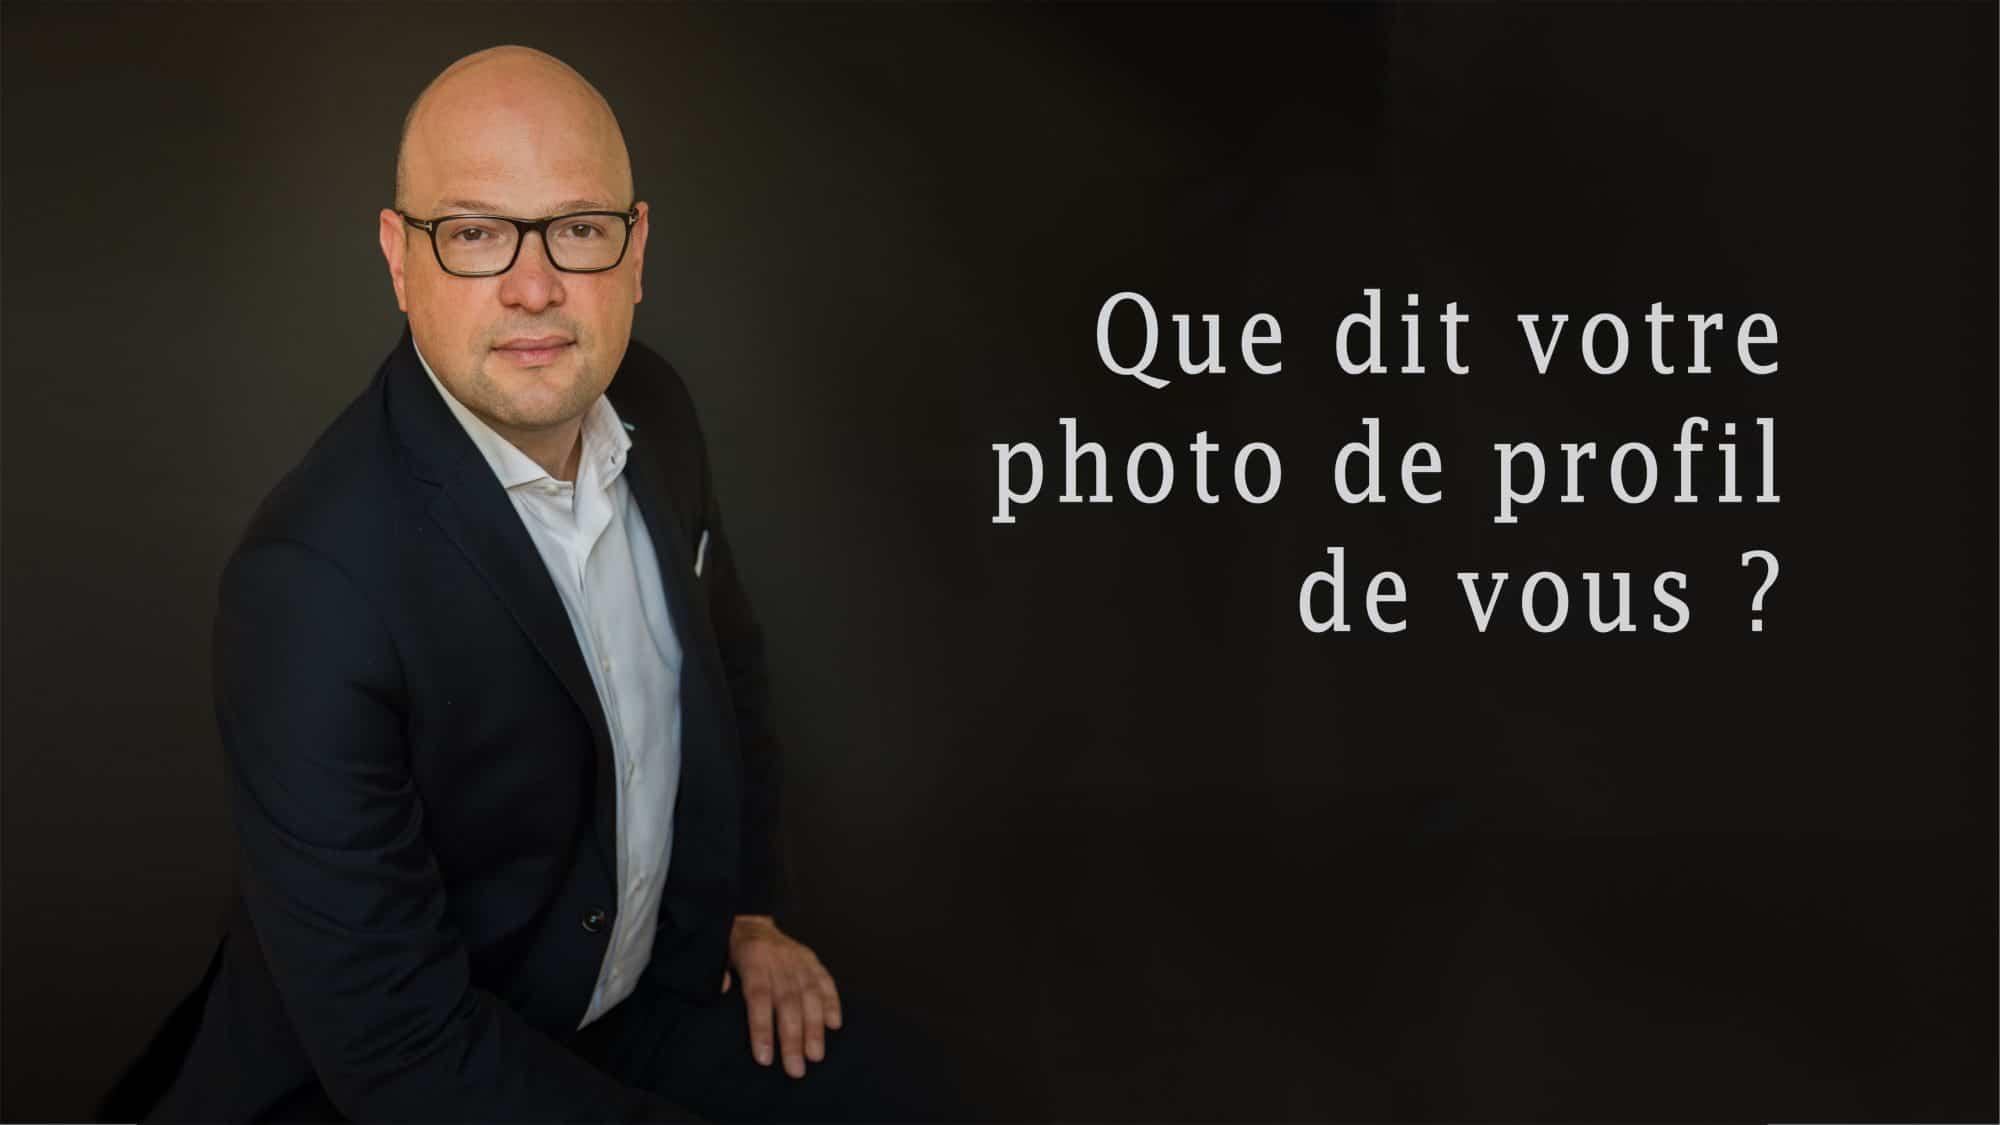 Photo de profil, Photographe Halle, Hal, Portait Pro